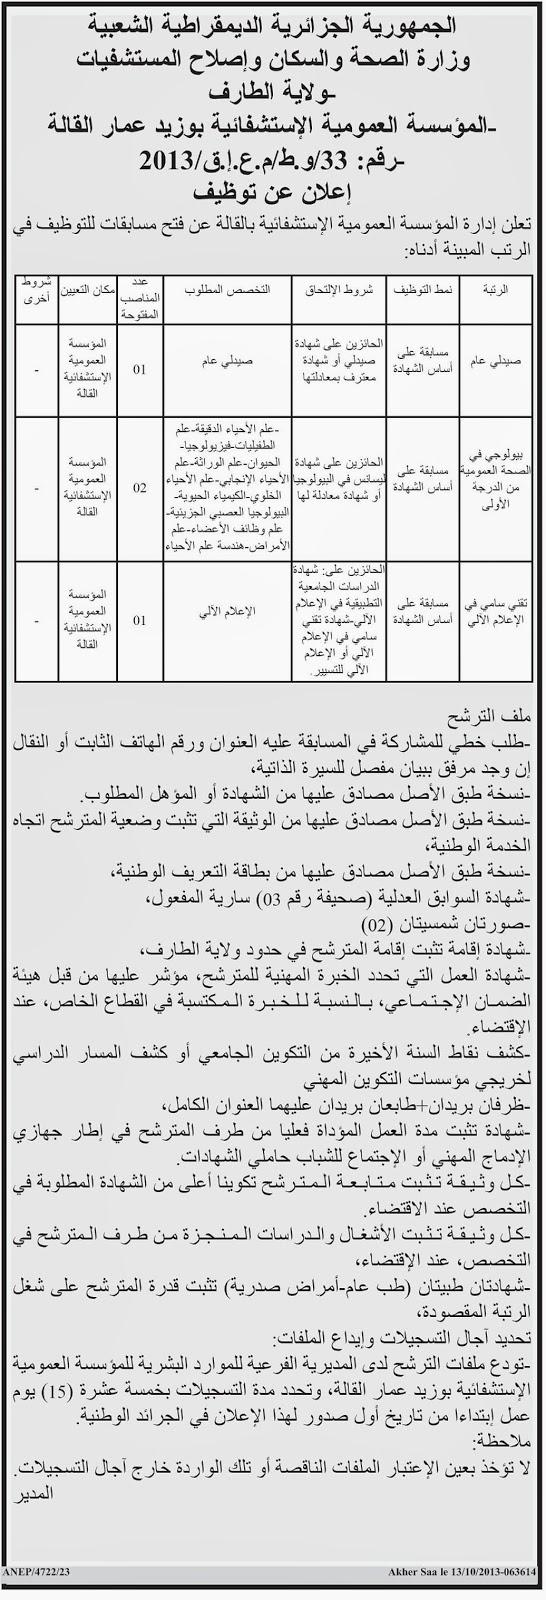 التوظيف في الجزائر : مسابقات توظيف في المؤسسة العمومية الإستشفائية بولاية الطارف أكتوبر 2013